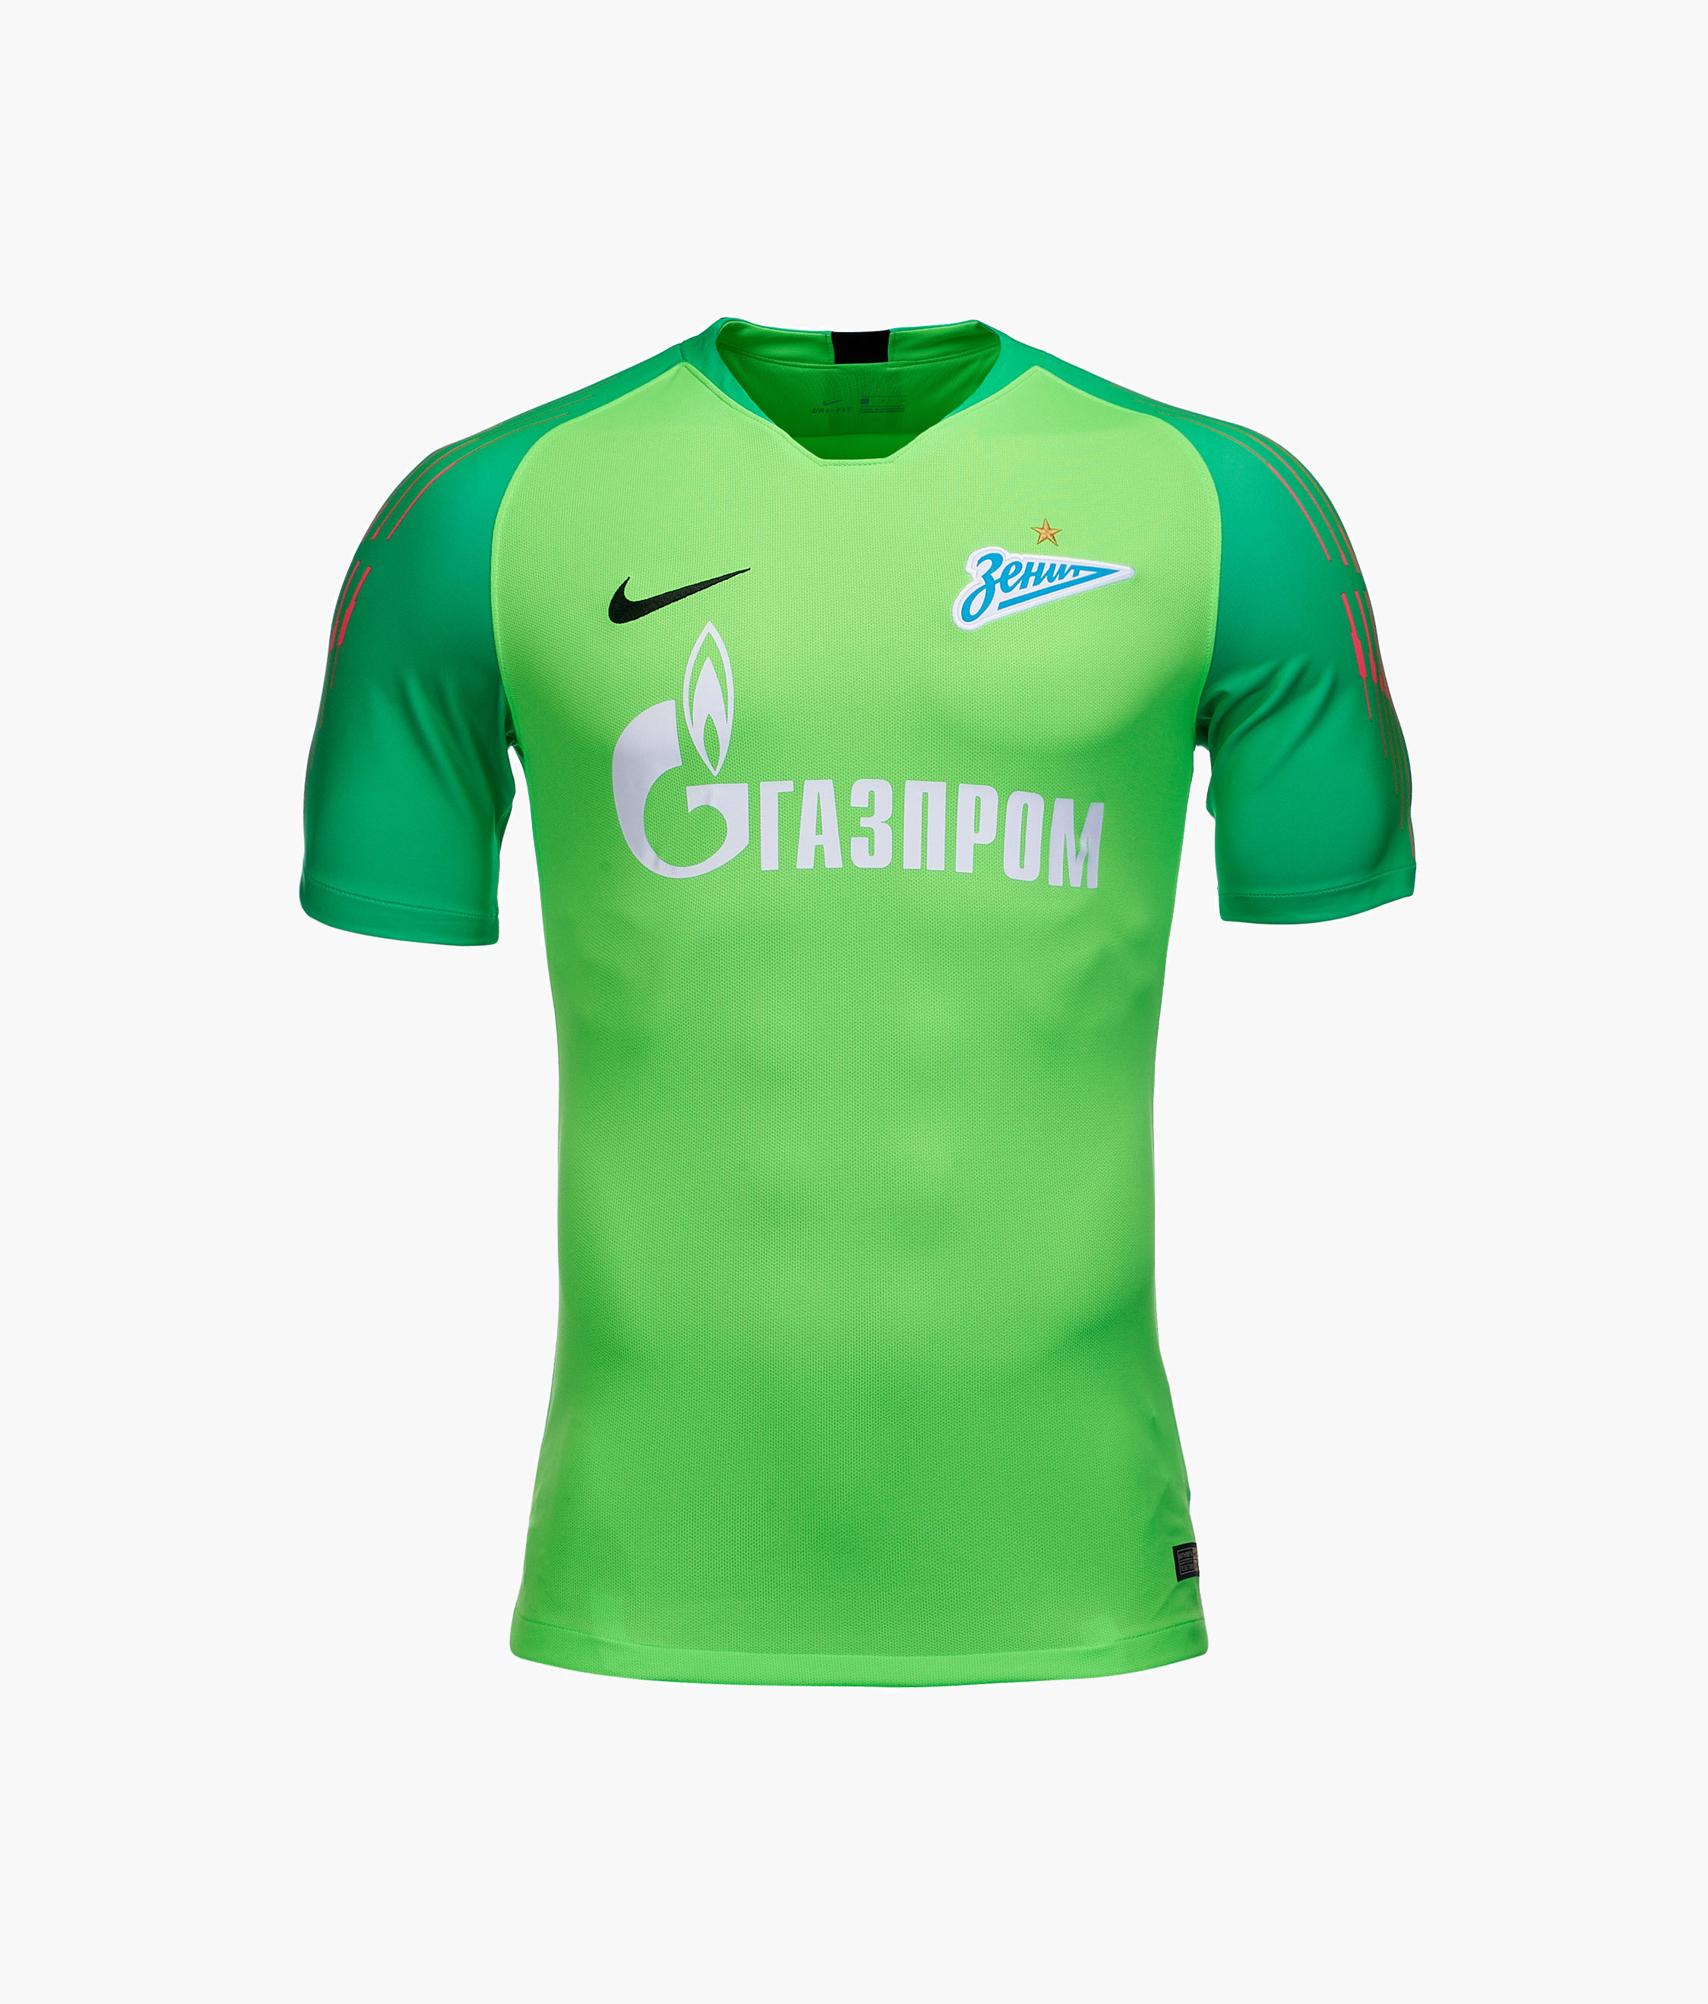 Футболка вратарская сезона 2018/2019 Nike Цвет-Зеленый футболка вратарская подростковая сезона 2018 2019 nike цвет желтый